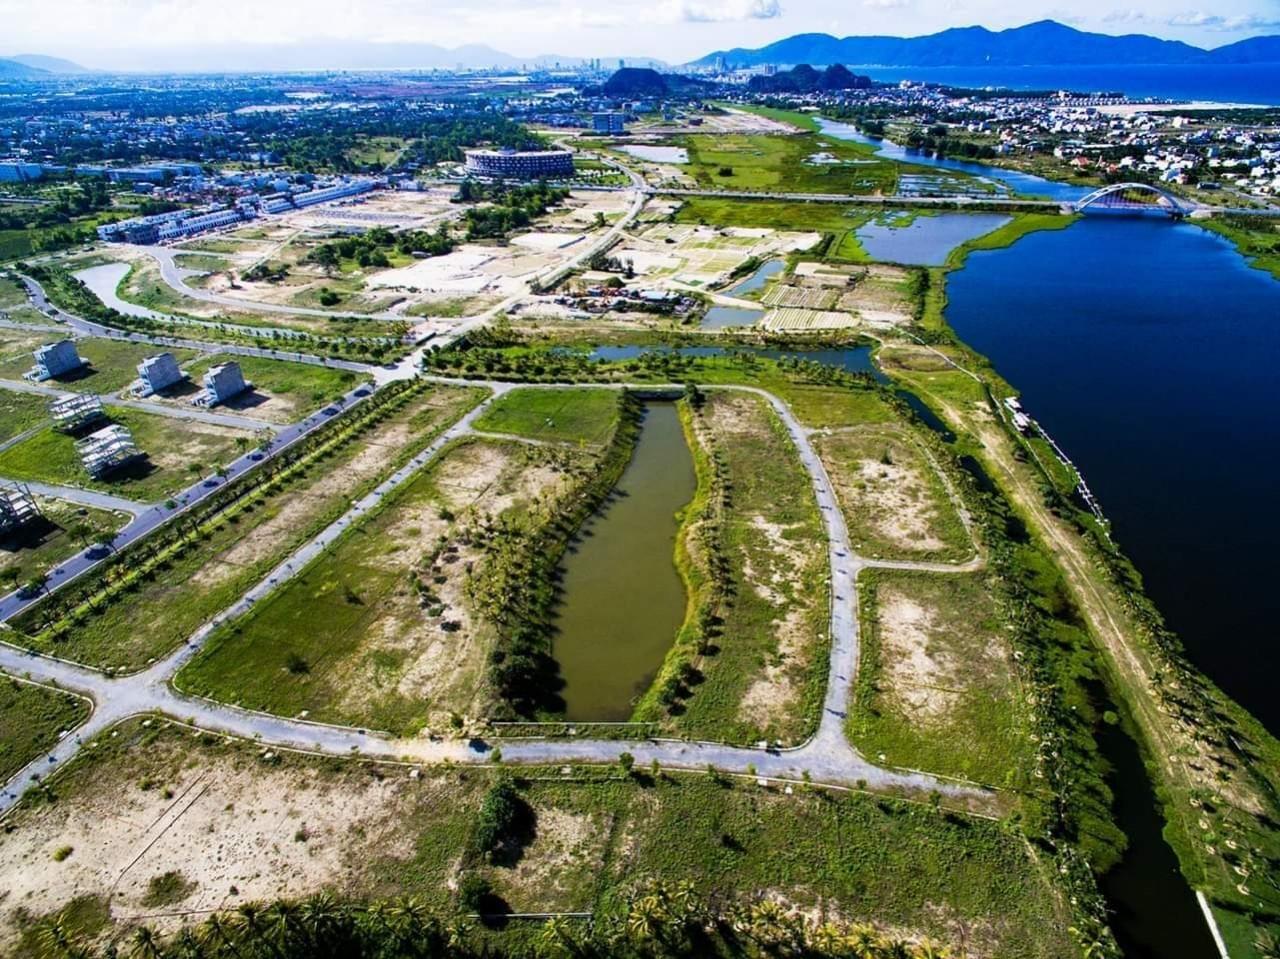 Phân tích đất nền Đà Nẵng 2020